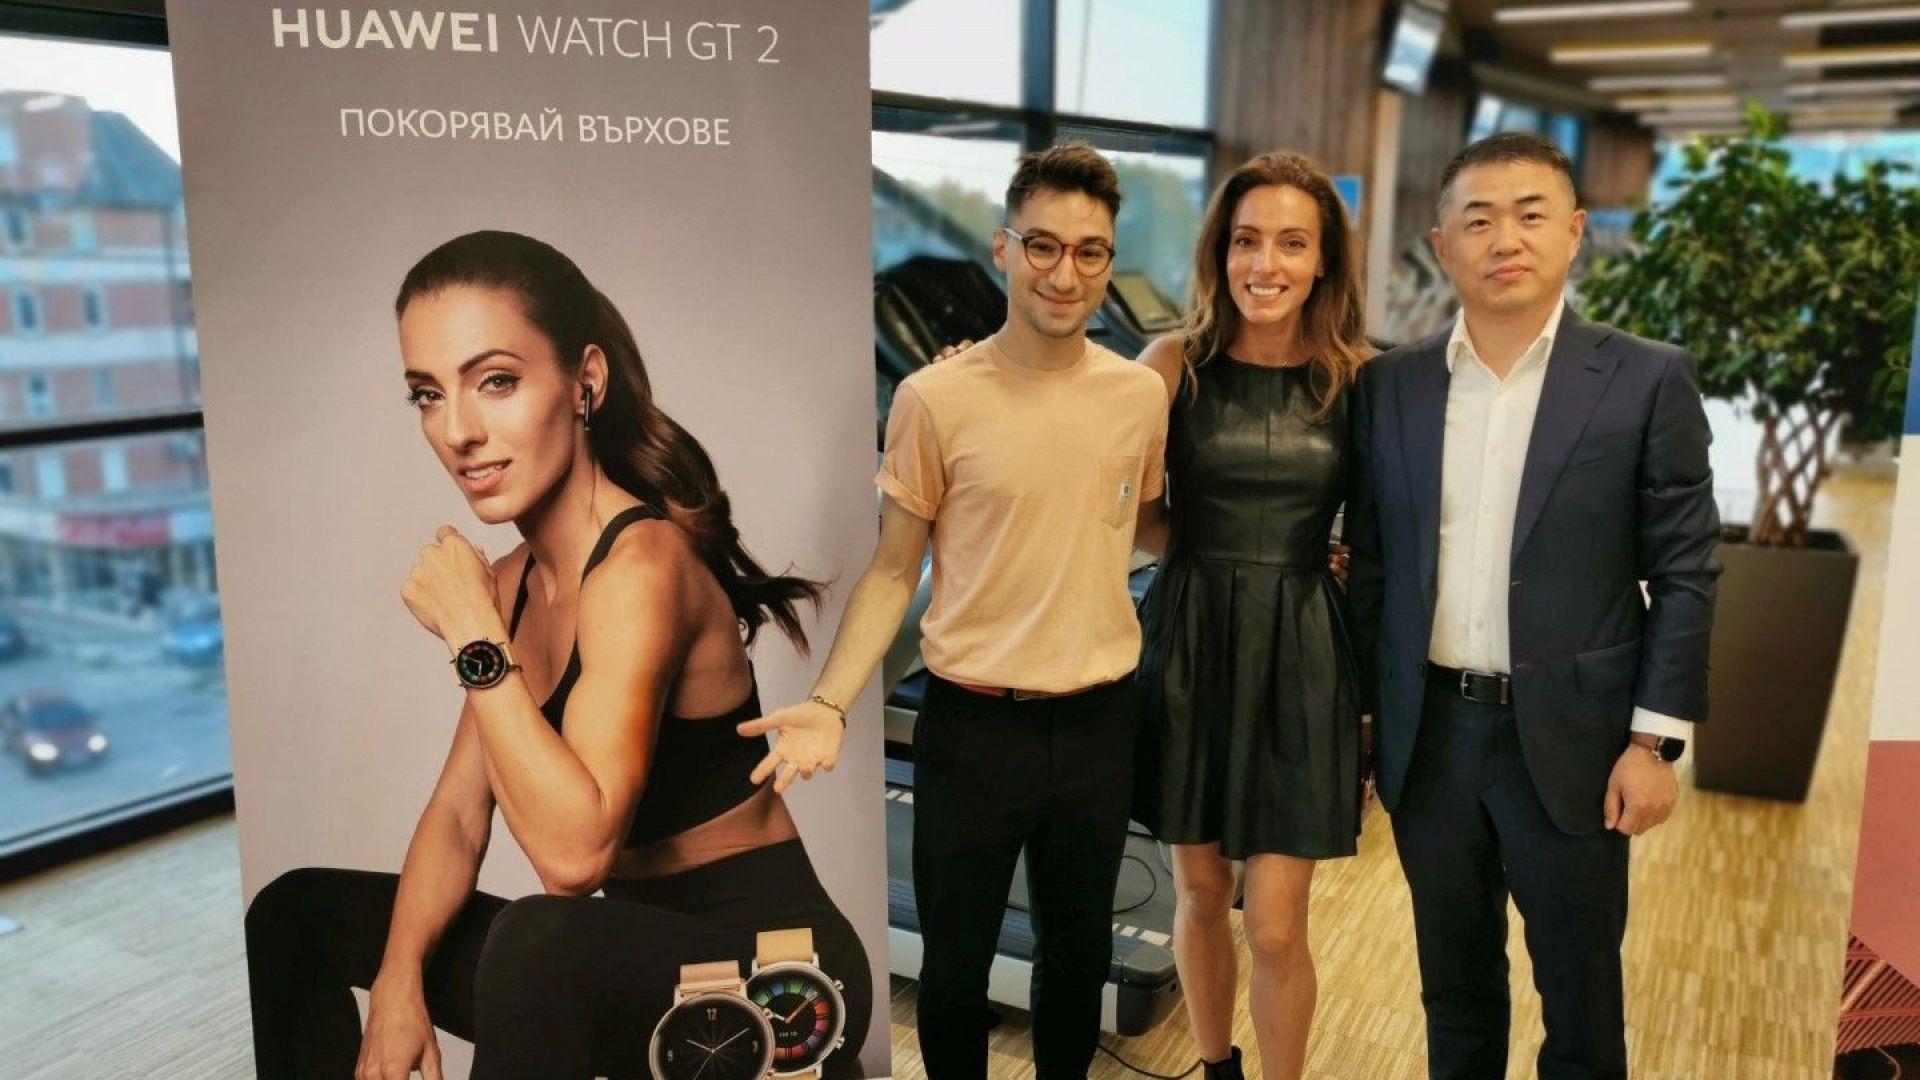 Новият HUAWEI WATCH GT 2 бе представен в България със специалното домакинство на Ивет Лалова